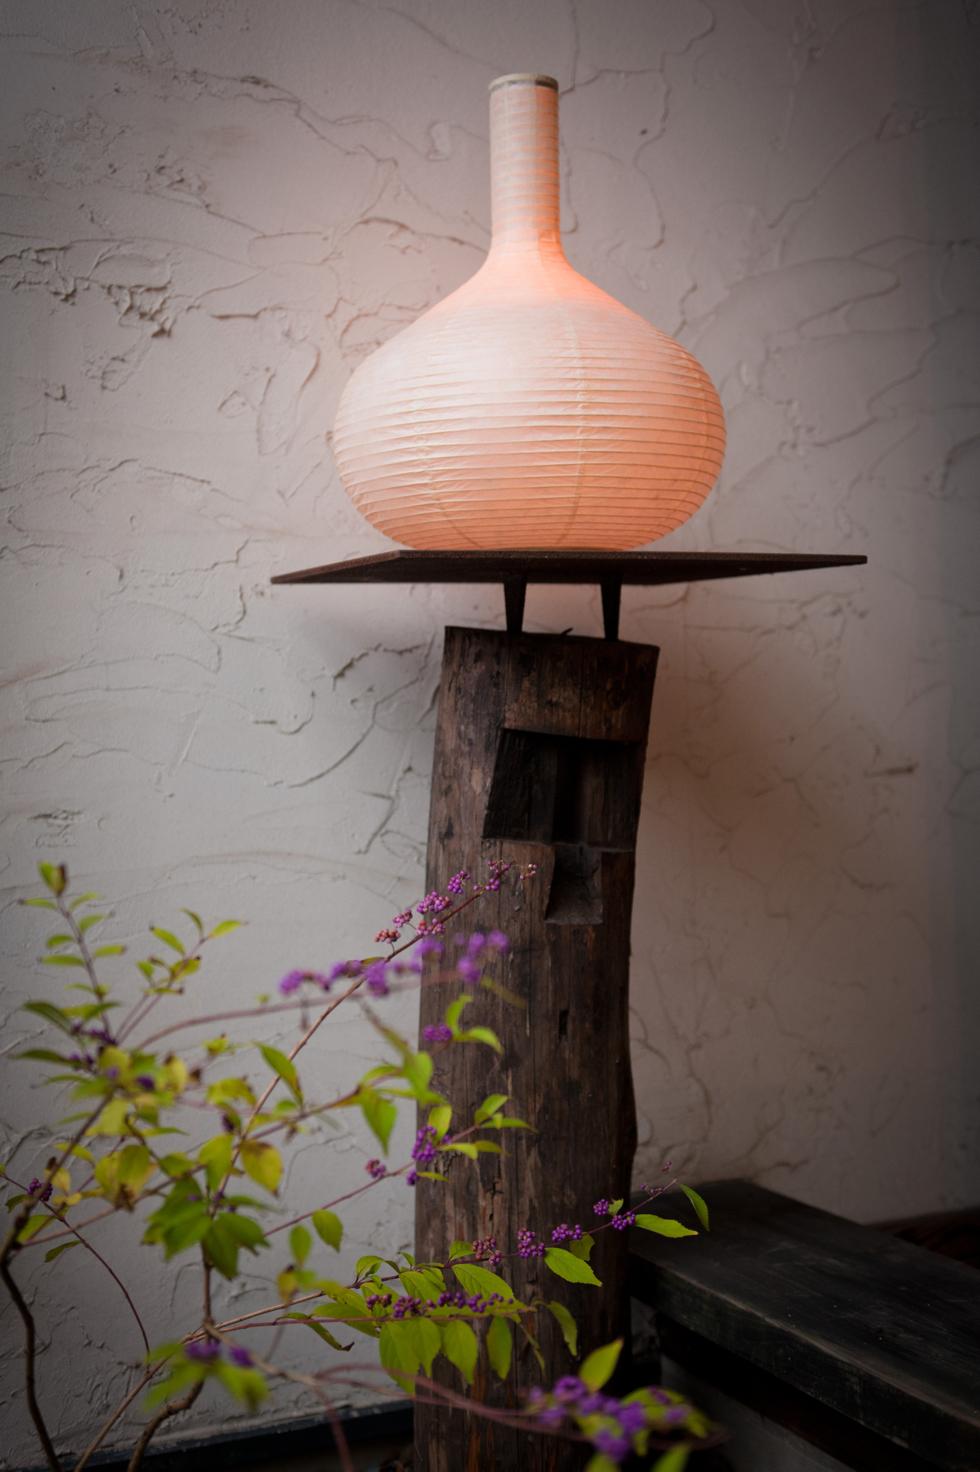 日本の伝統文化の明かりでモダンなリラックス空間を作る 提灯型ランプ(インテリア ライト 照明)| 細口壺 - 鈴木茂兵衛商店 SUZUMO CHOCHIN(すずも提灯)